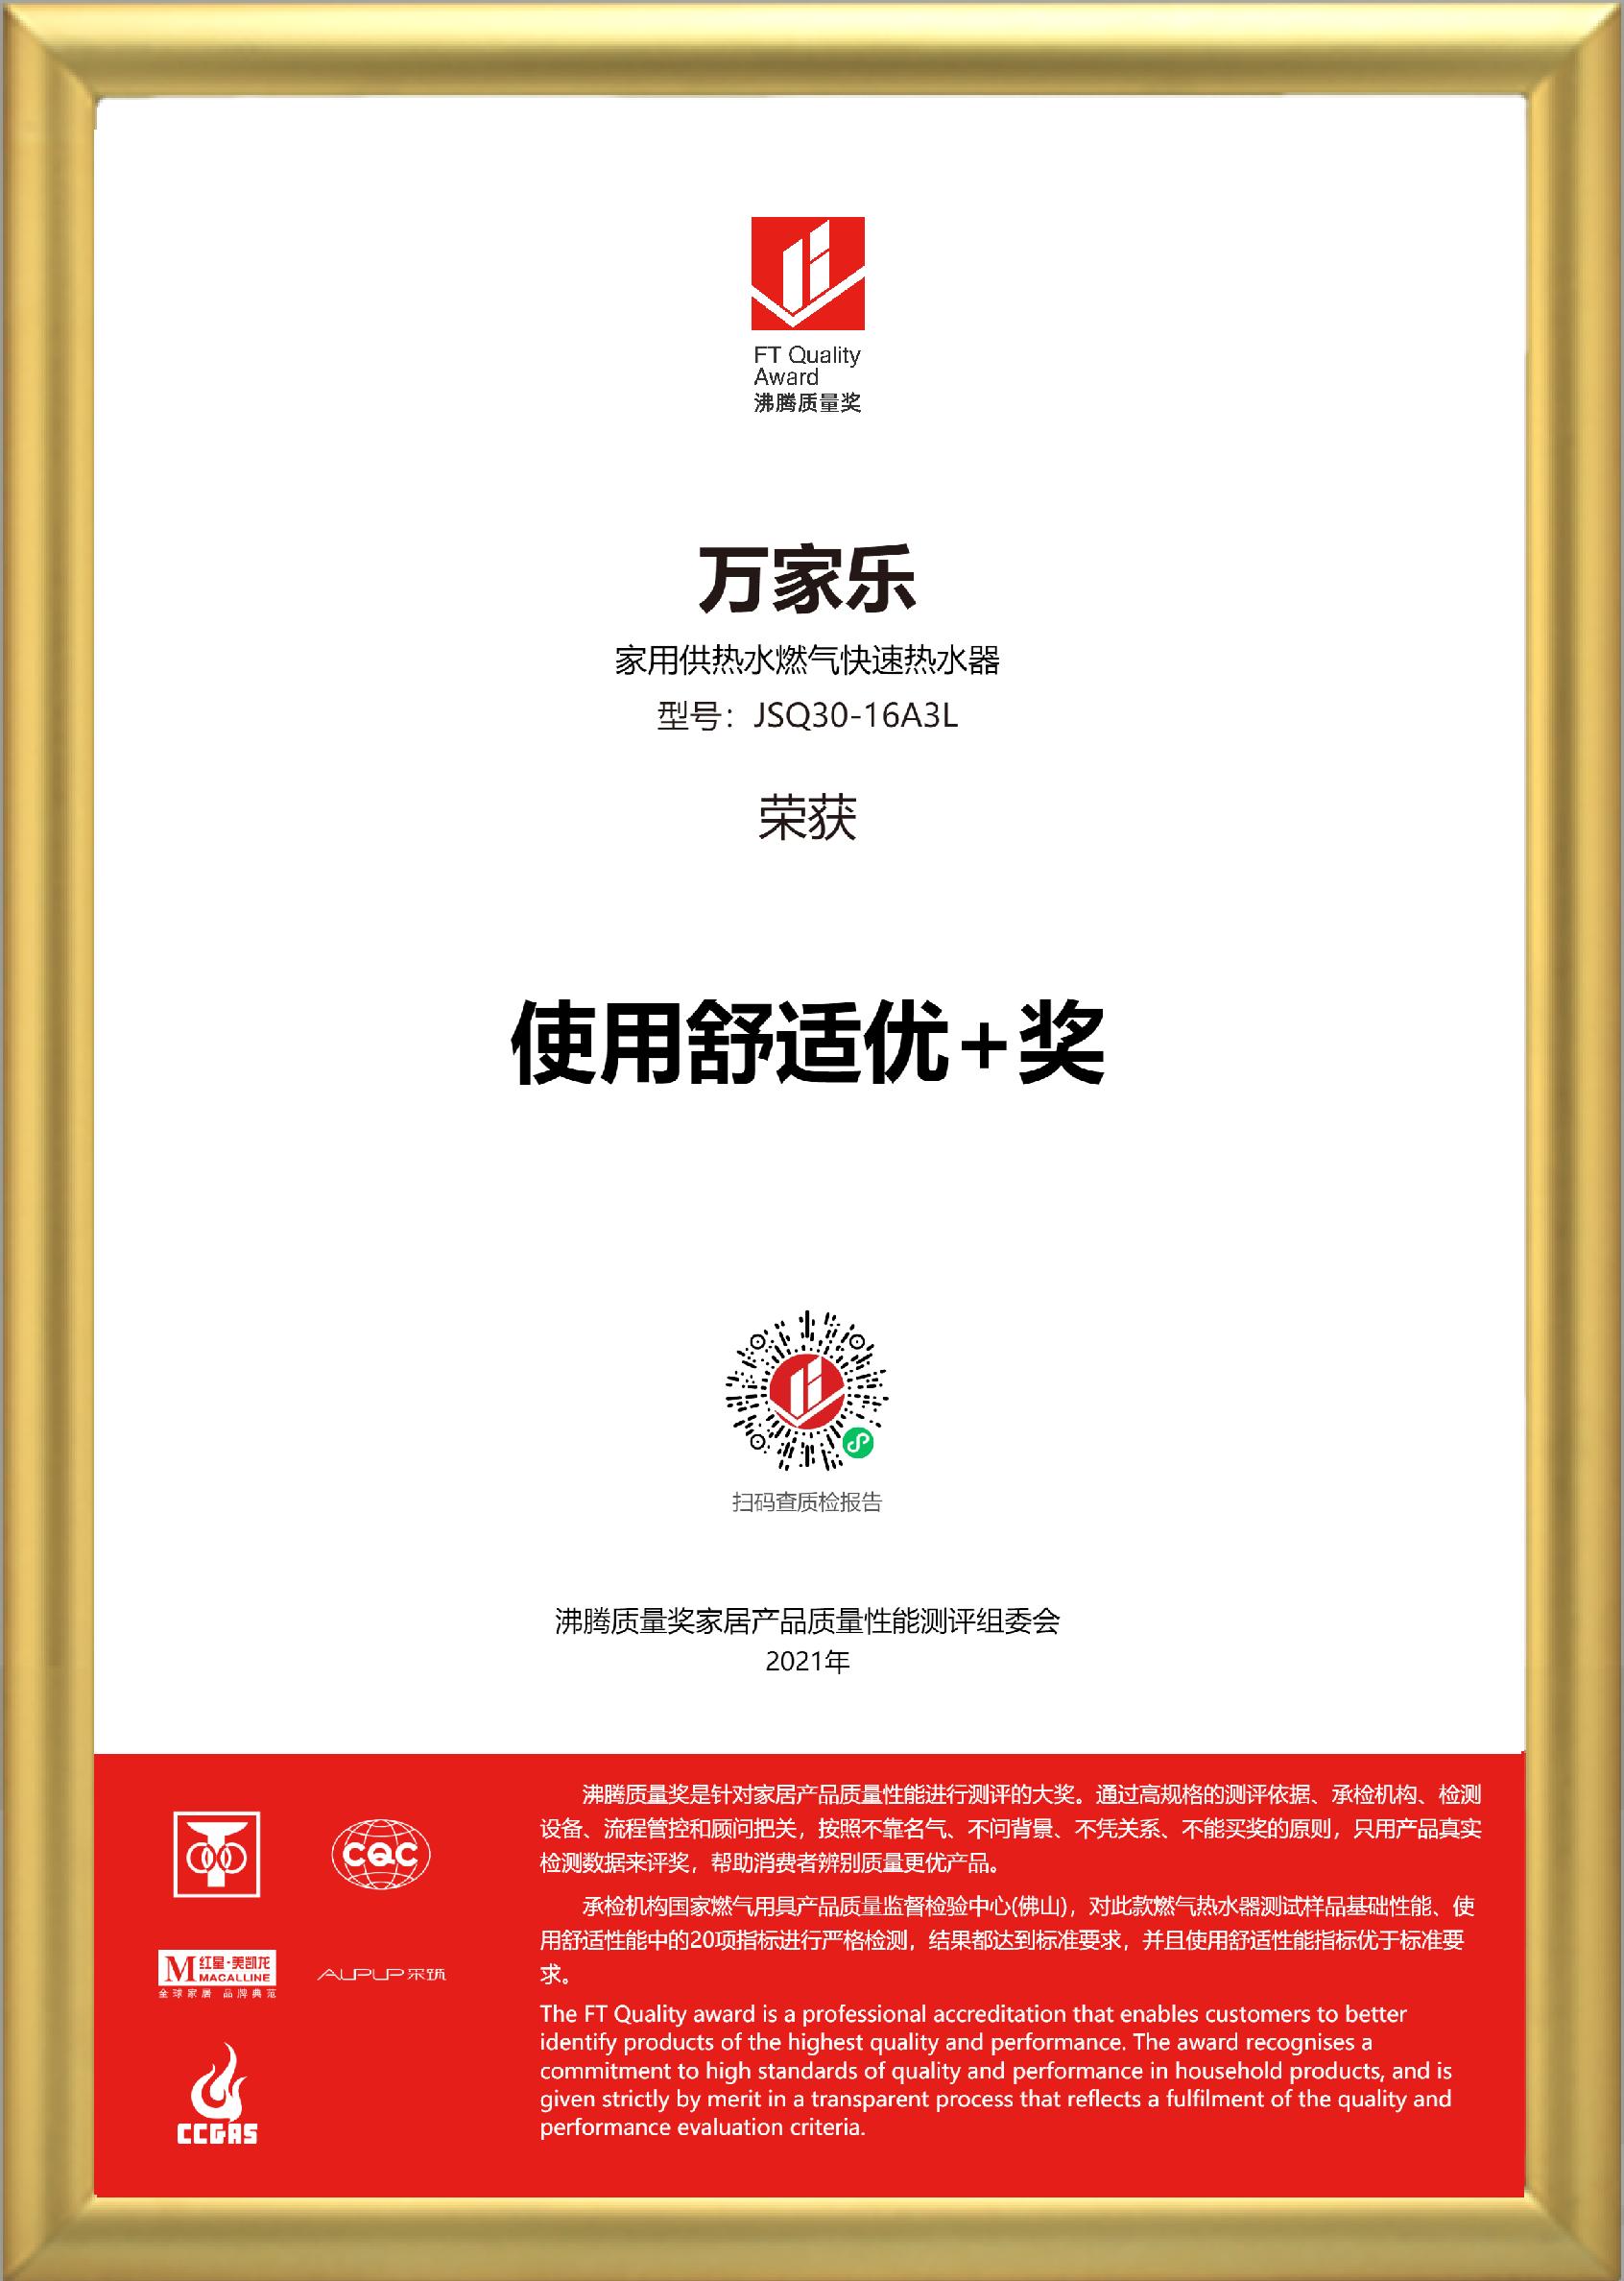 金框加持-获奖证书-万家乐-家用供热水燃气快速热水器-JSQ30-16A3L.png